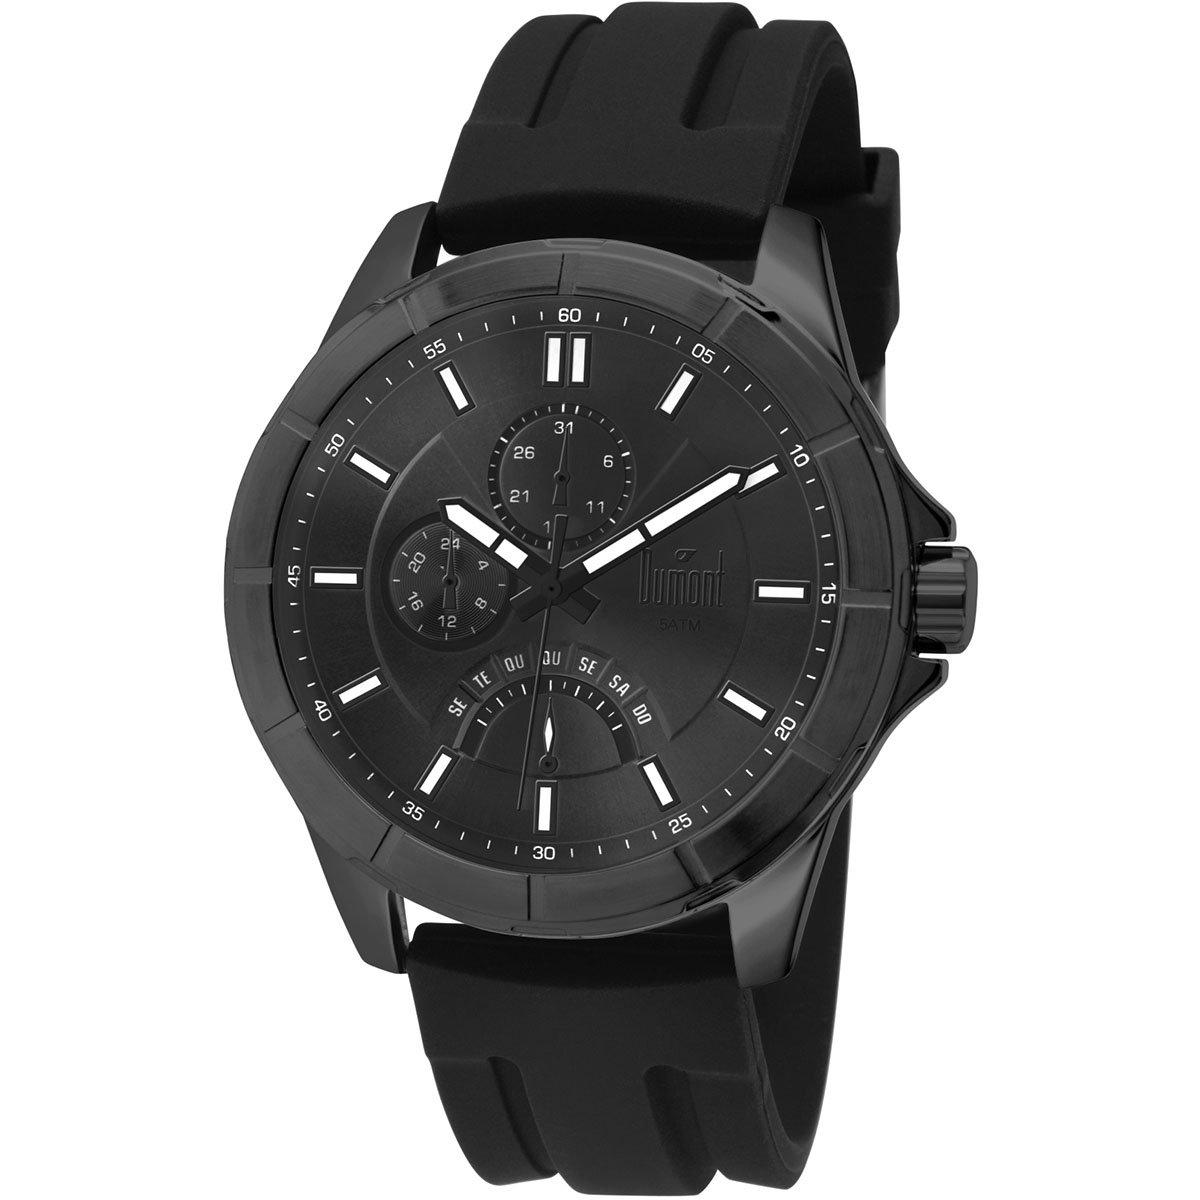 a2e2ce188fb Relógio Dumont Analógico Casual - Compre Agora